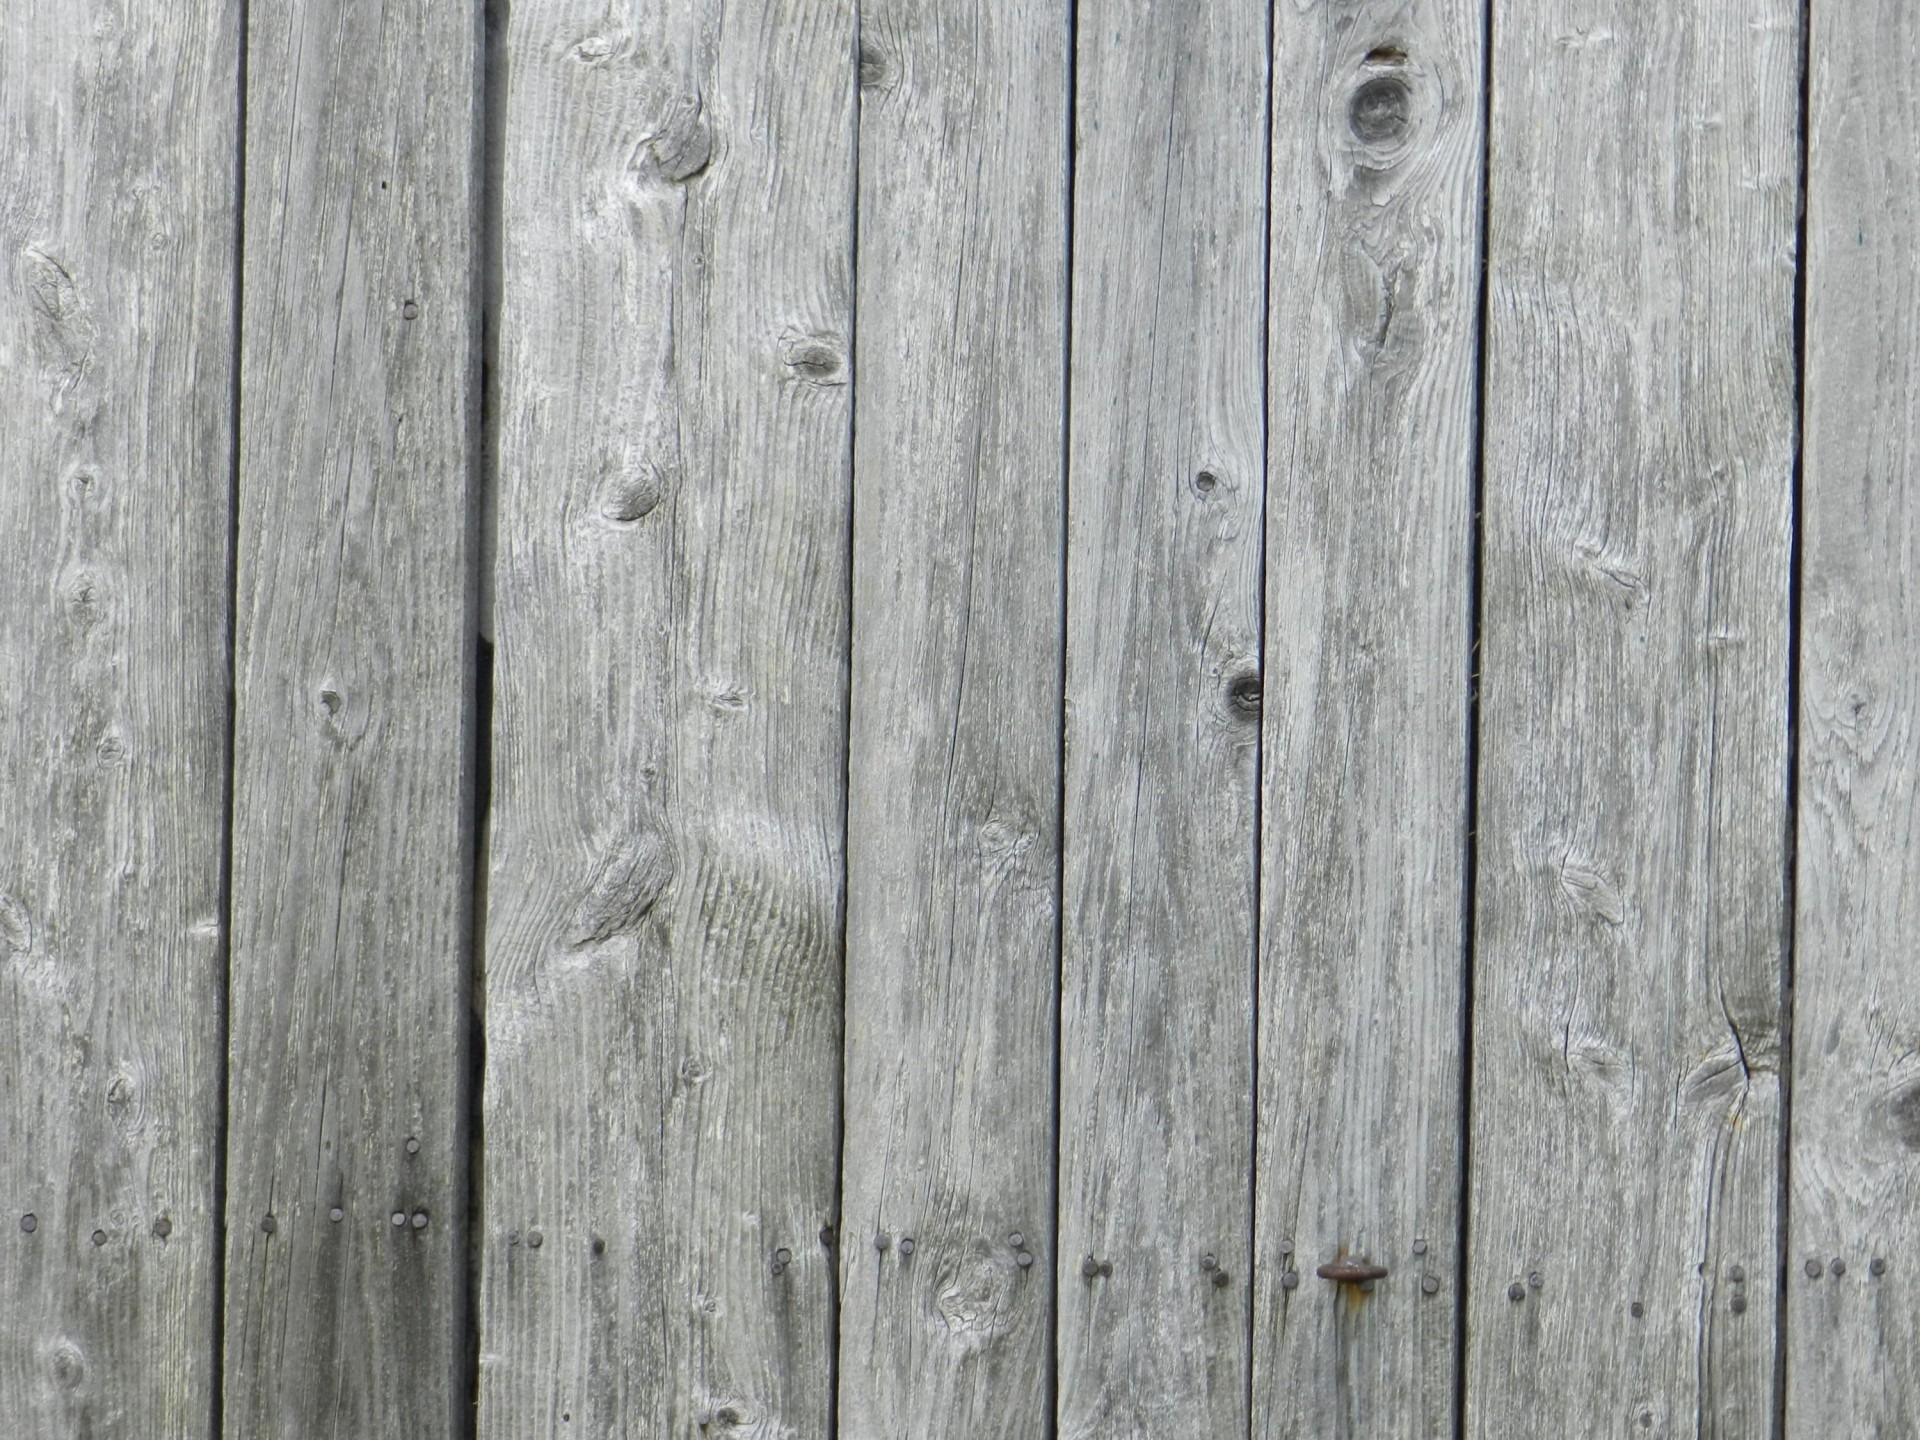 Holz entgrauen